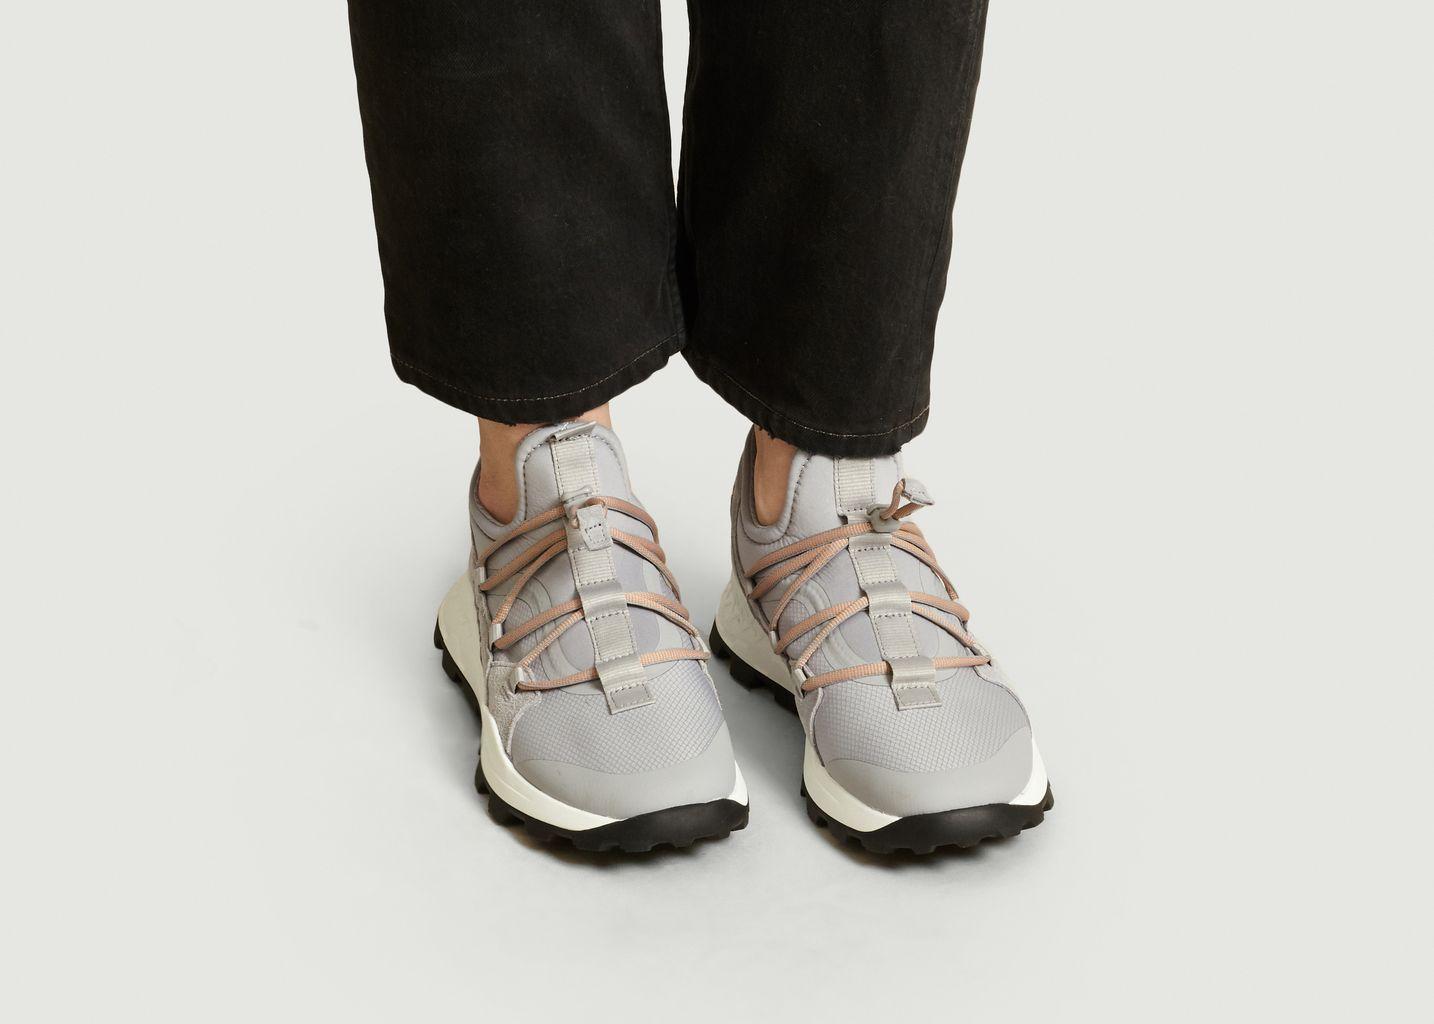 Sneakers Brooklyn L/F Super Oxford - Timberland